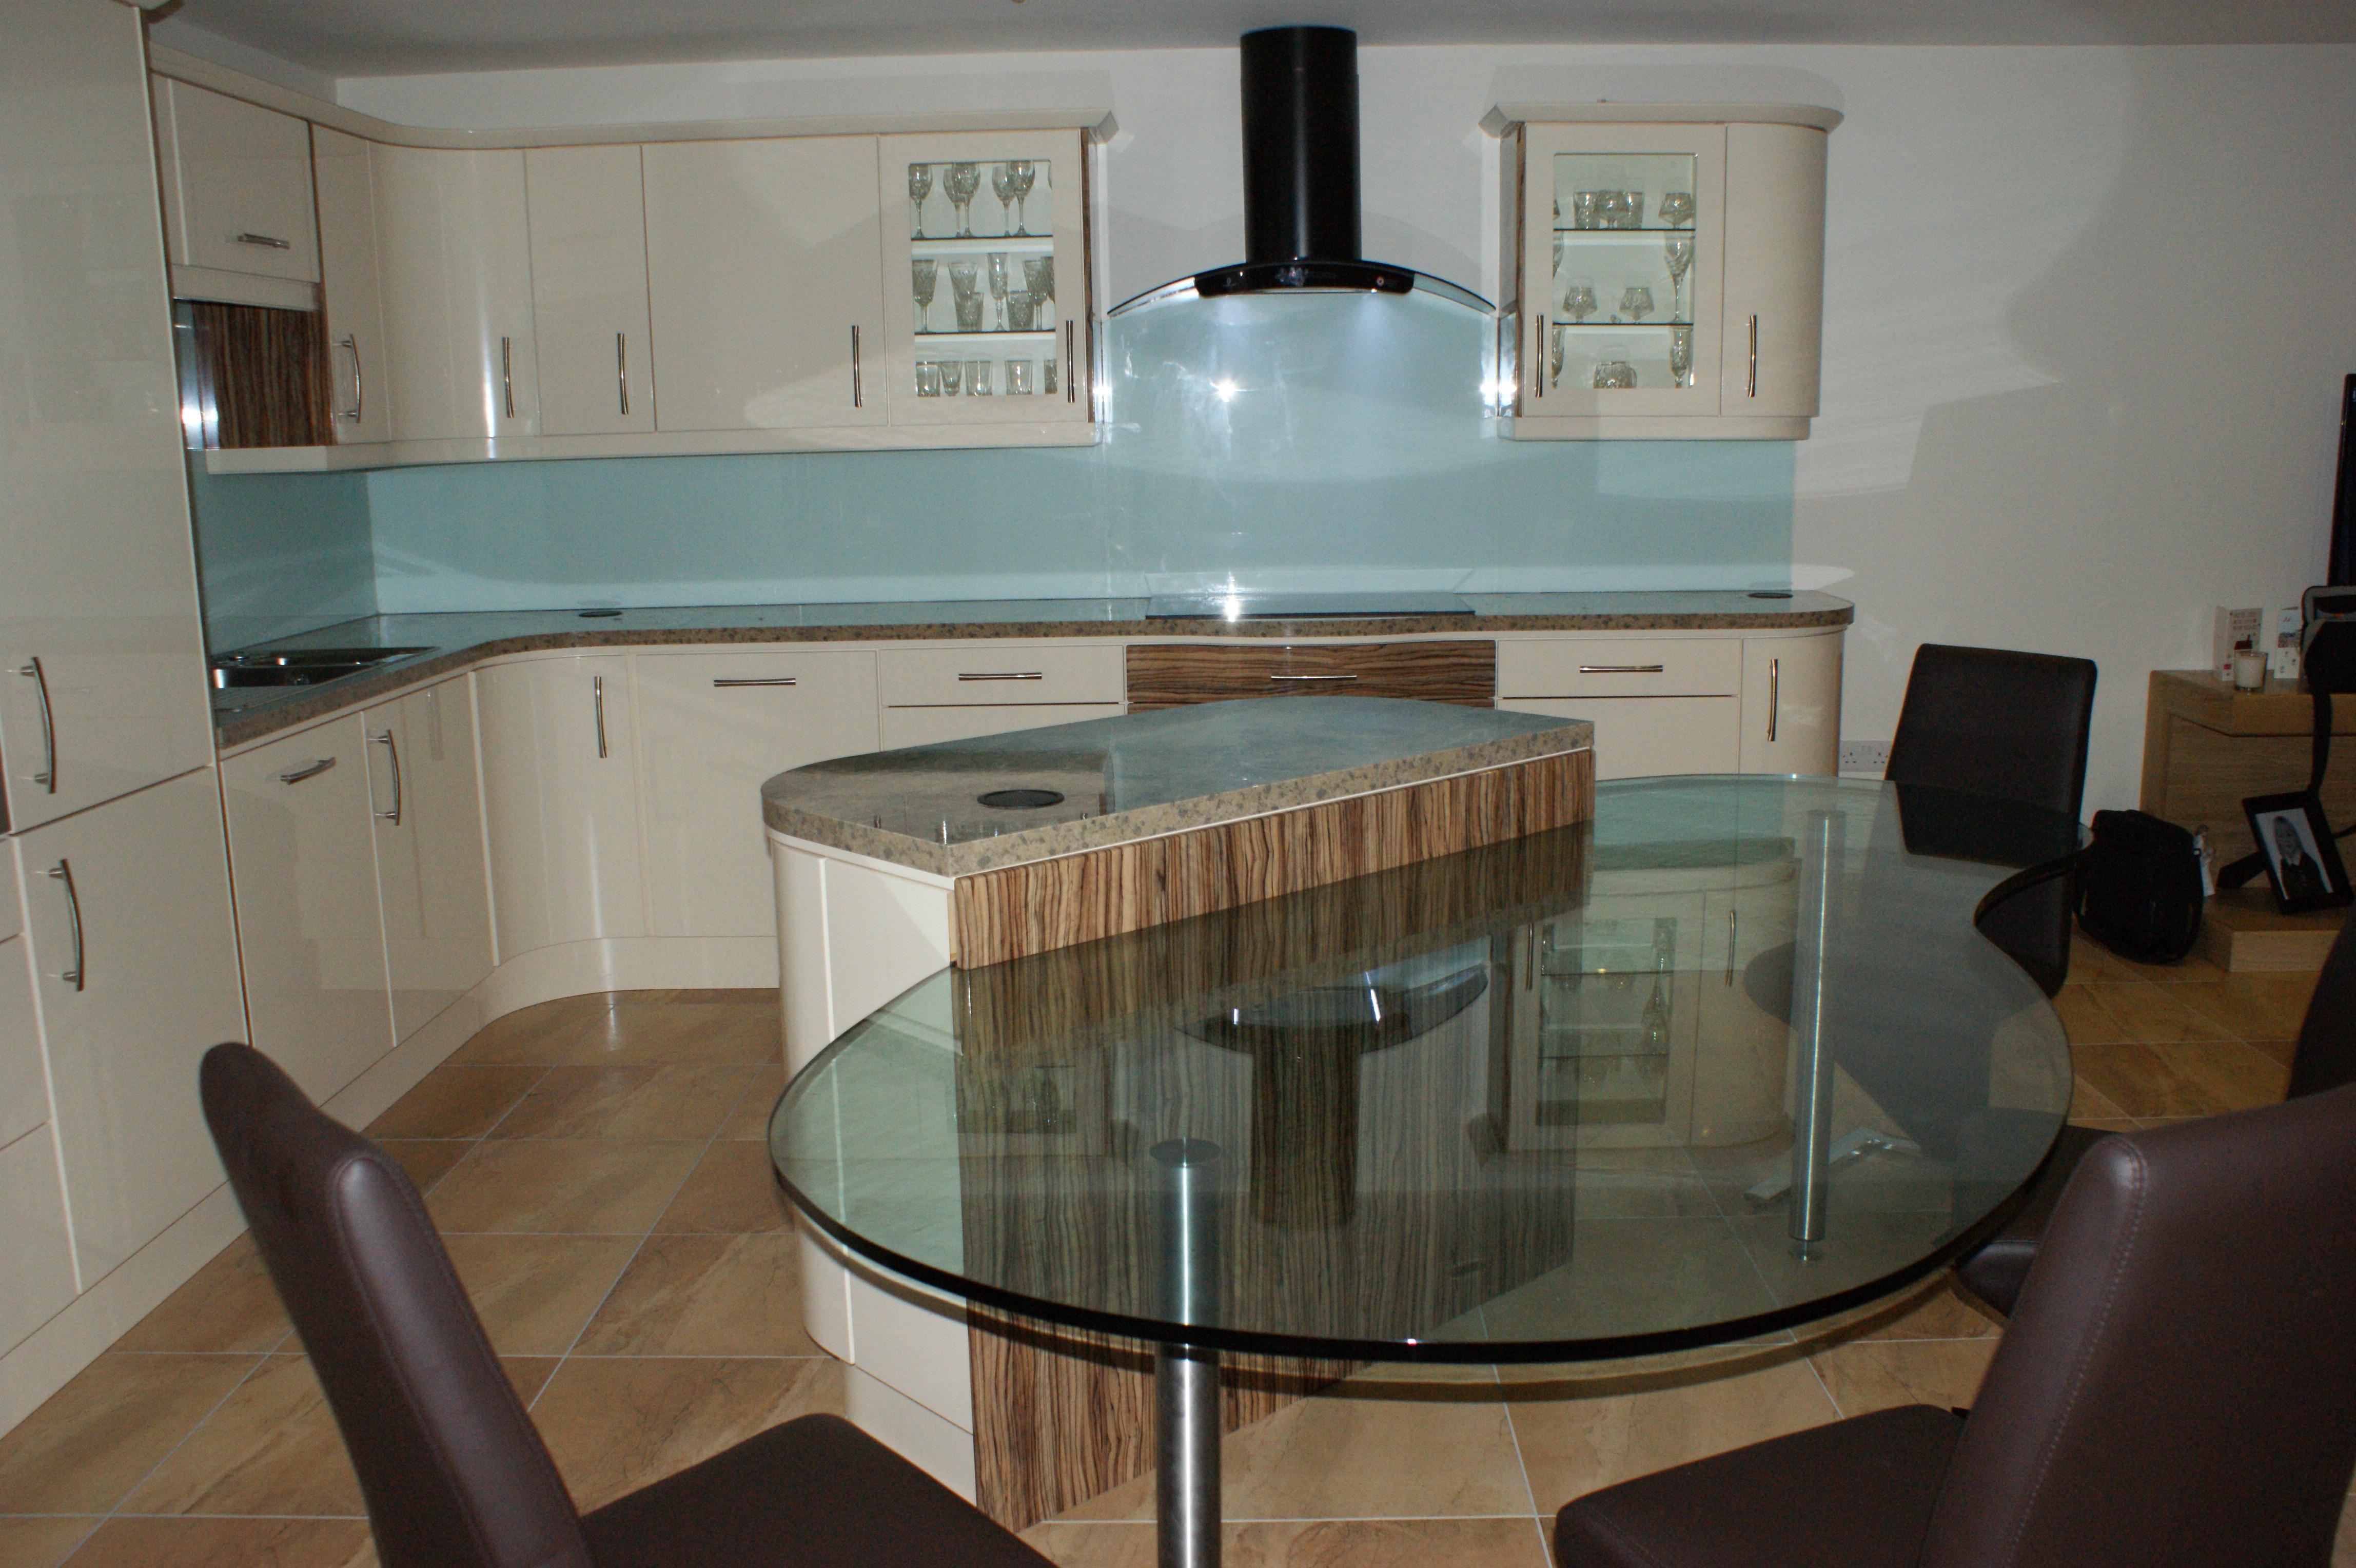 Trendy Glass Splashbacks Adding Style To Your Kitchen